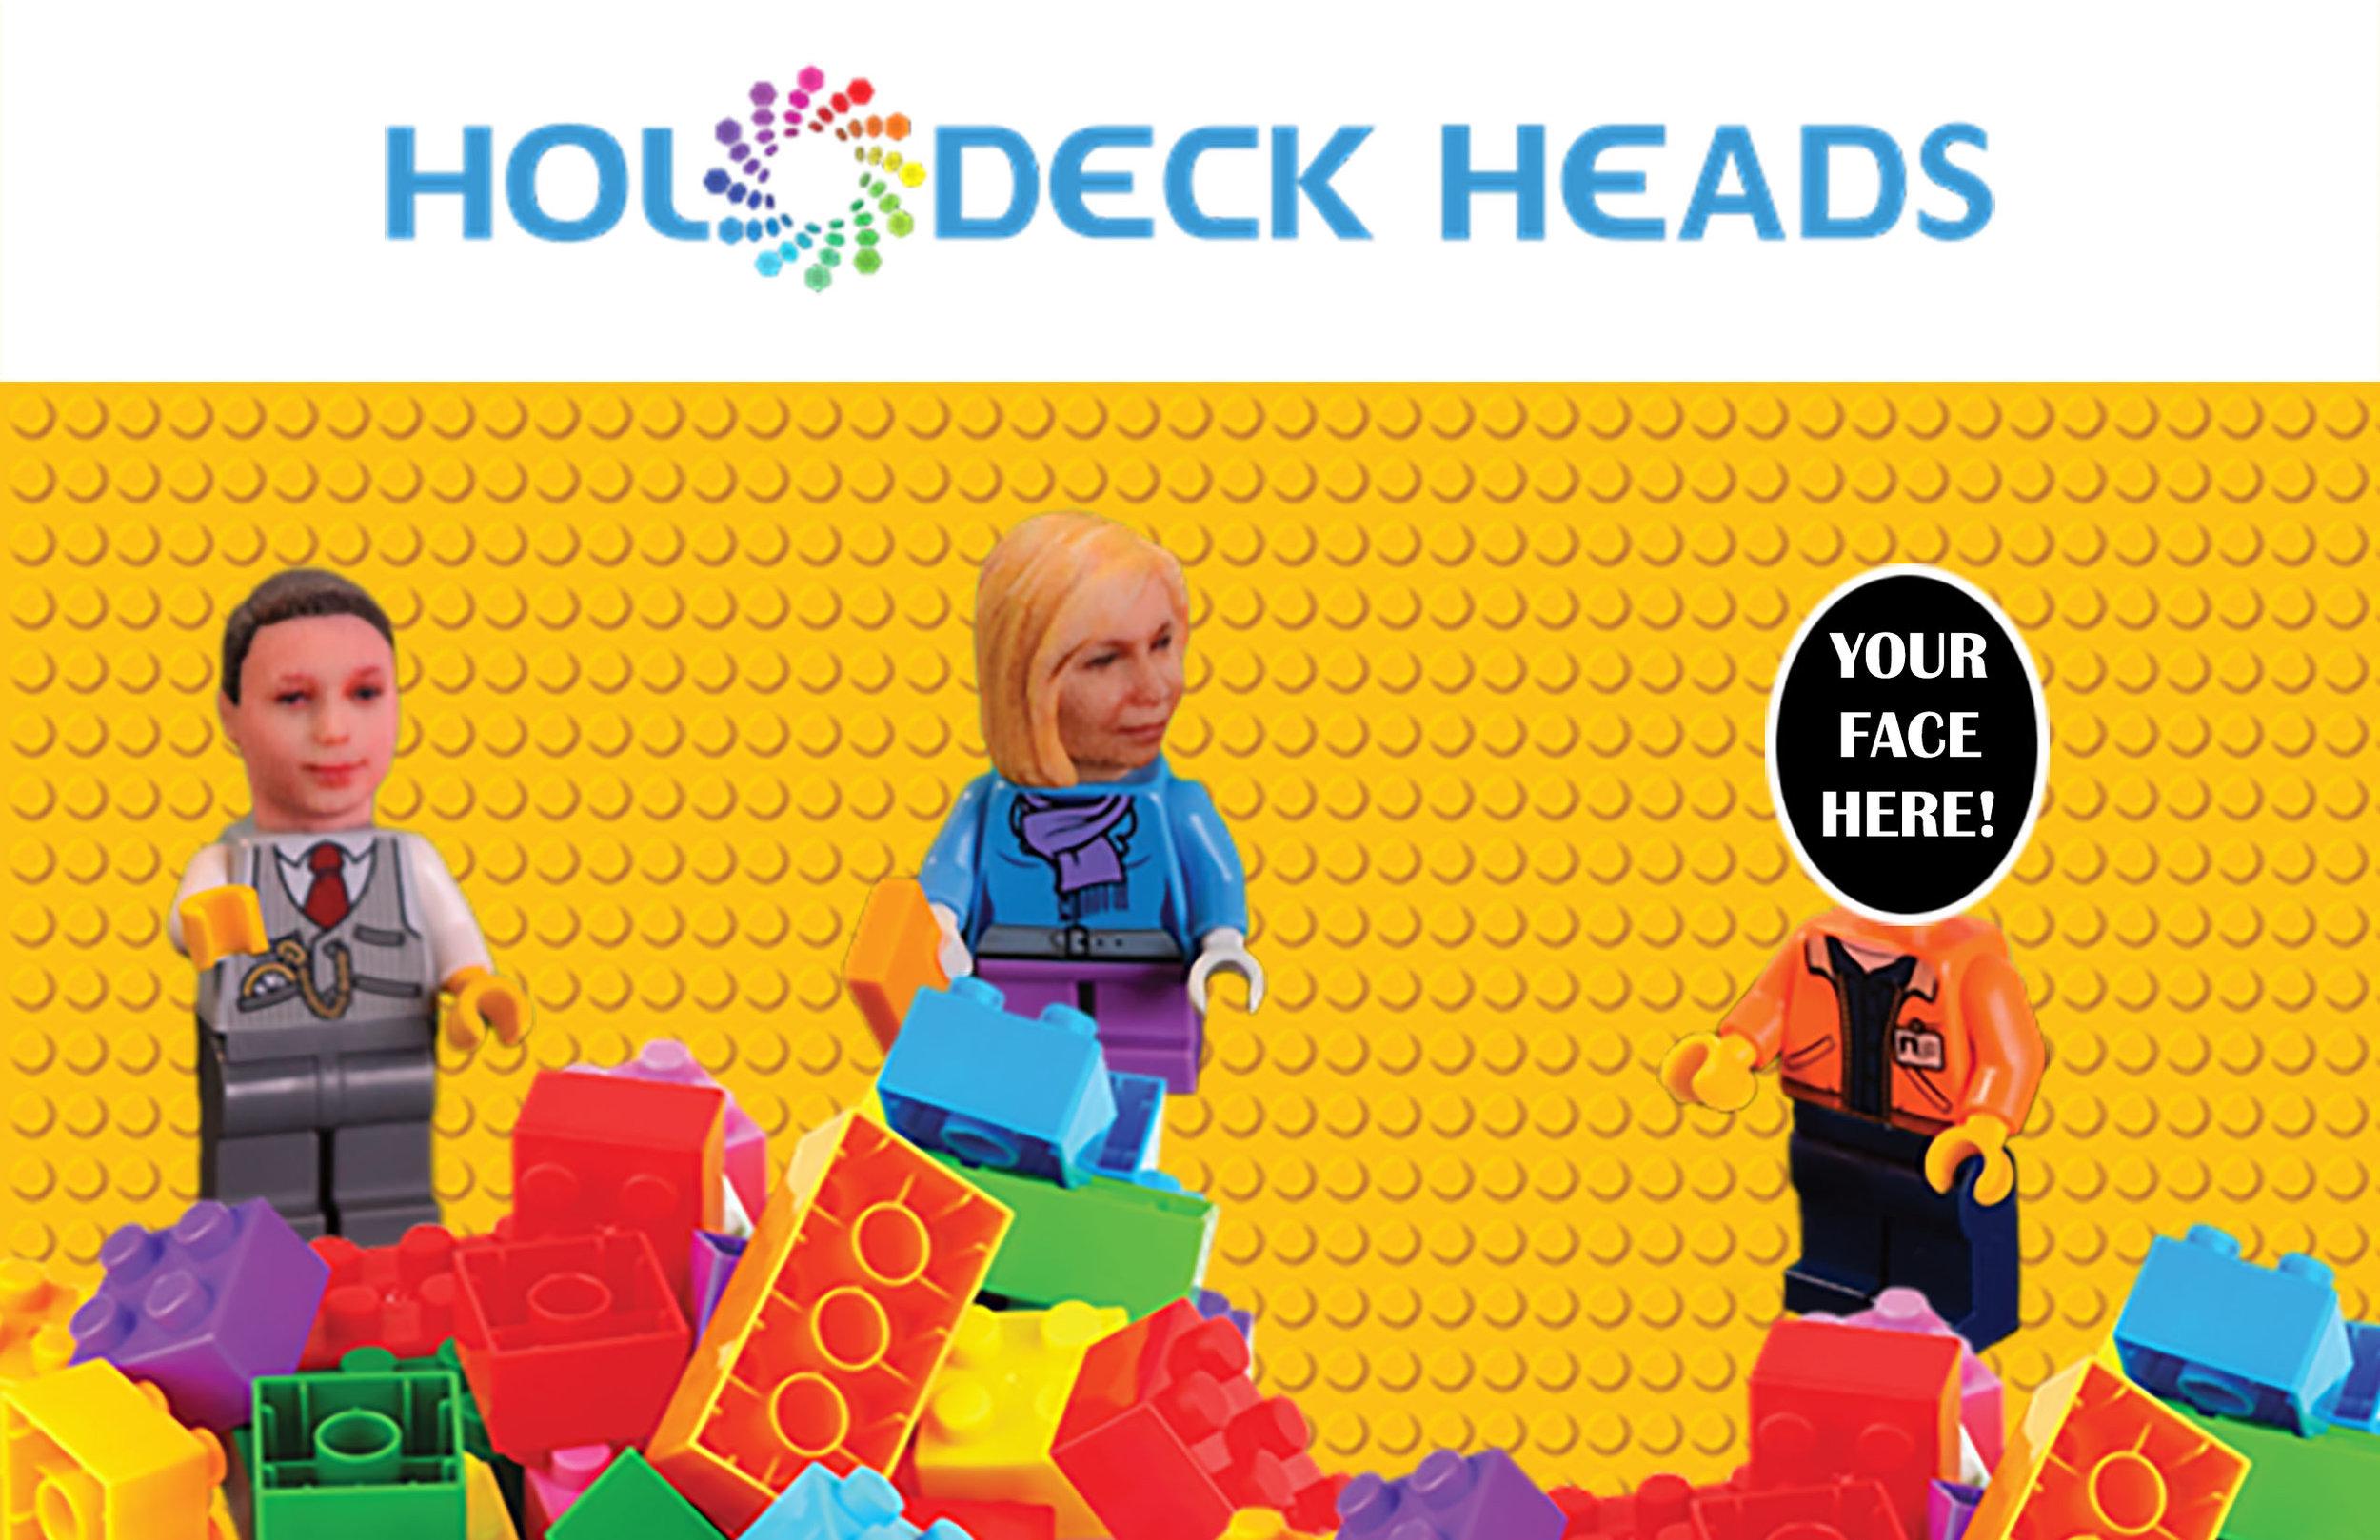 Lego_postcard_8.5_by_5.5.jpg